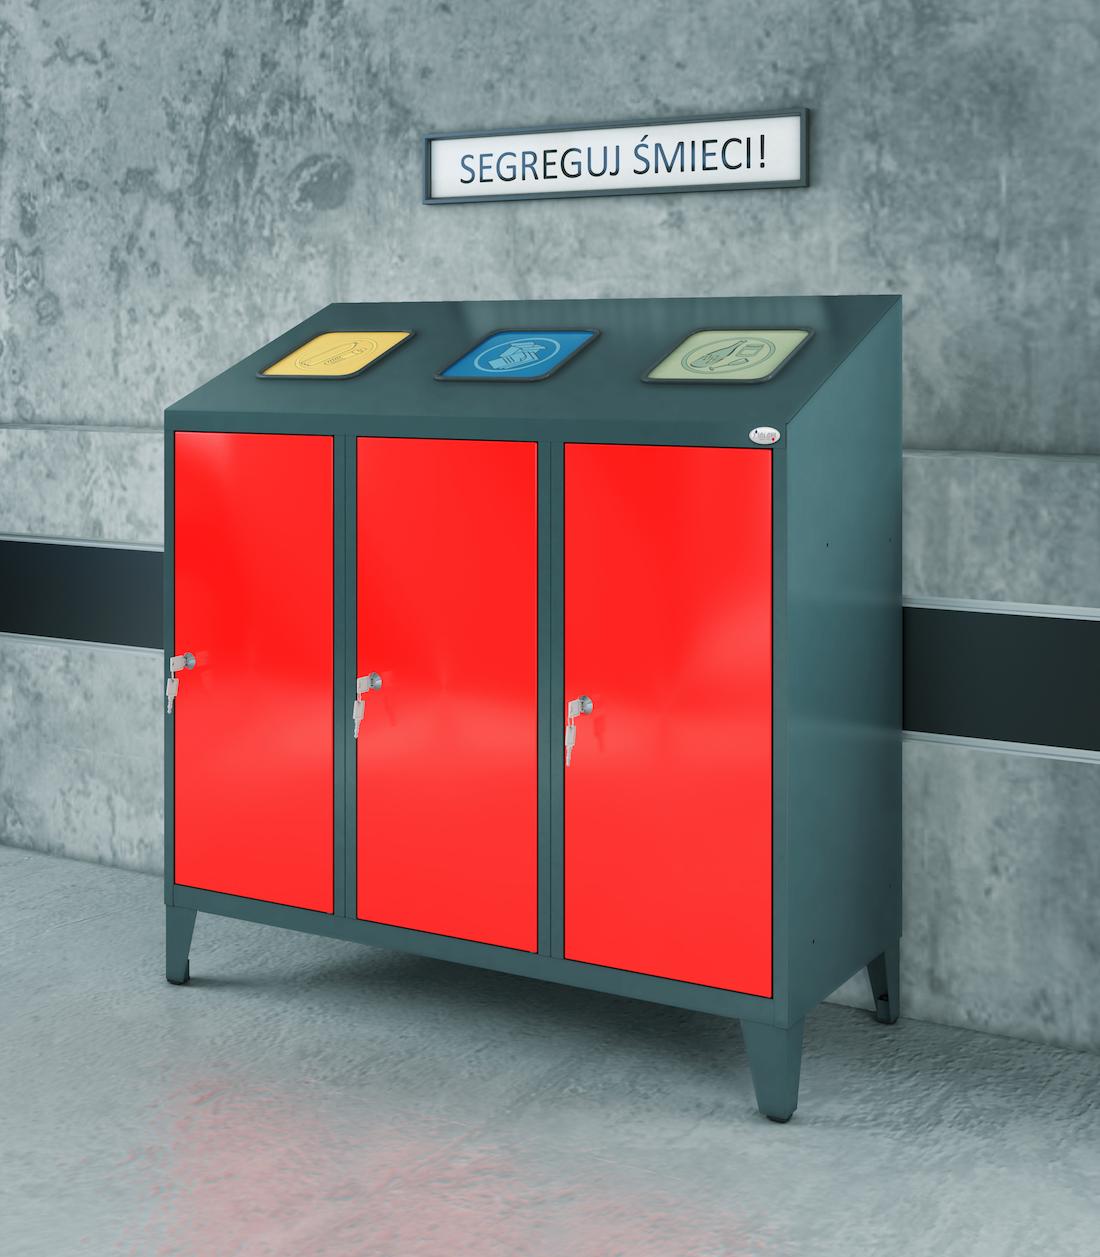 Meble socjalne, szafy socjalne, kosze na śmieci, szafy metalowe, meble metalowe